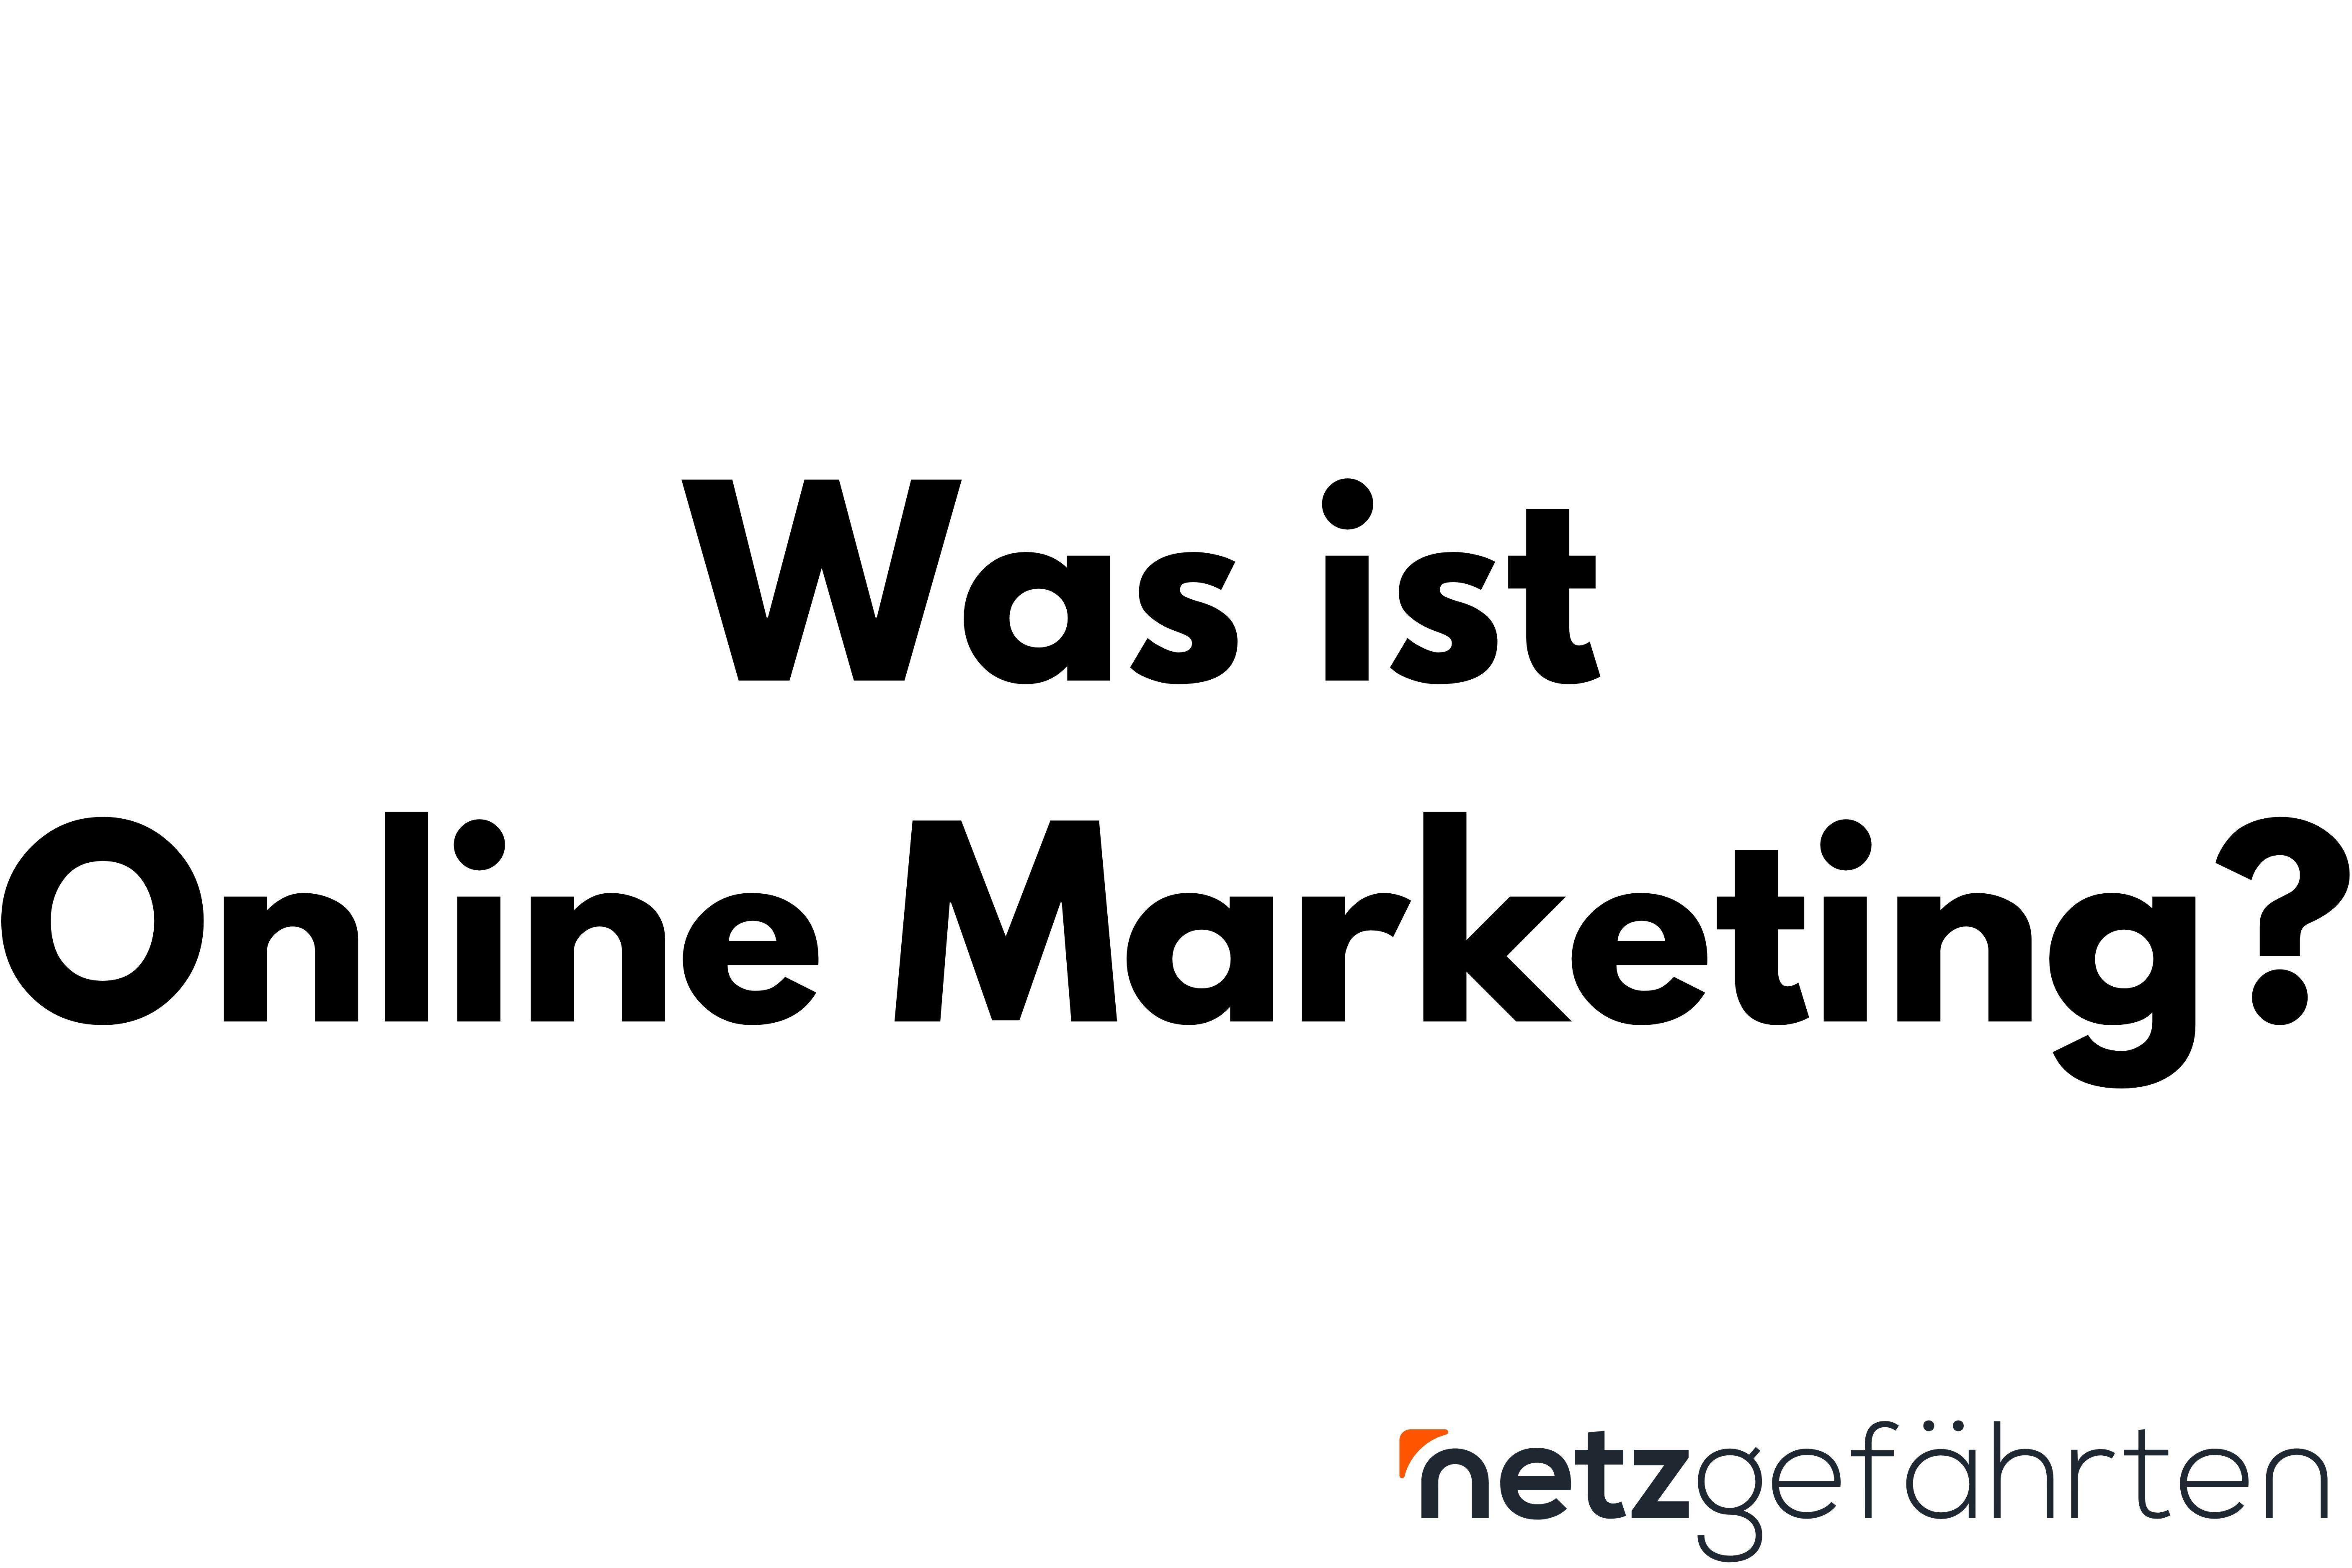 Was ist Online Marketing in schwarzer Schrift auf weißem Hintergrund